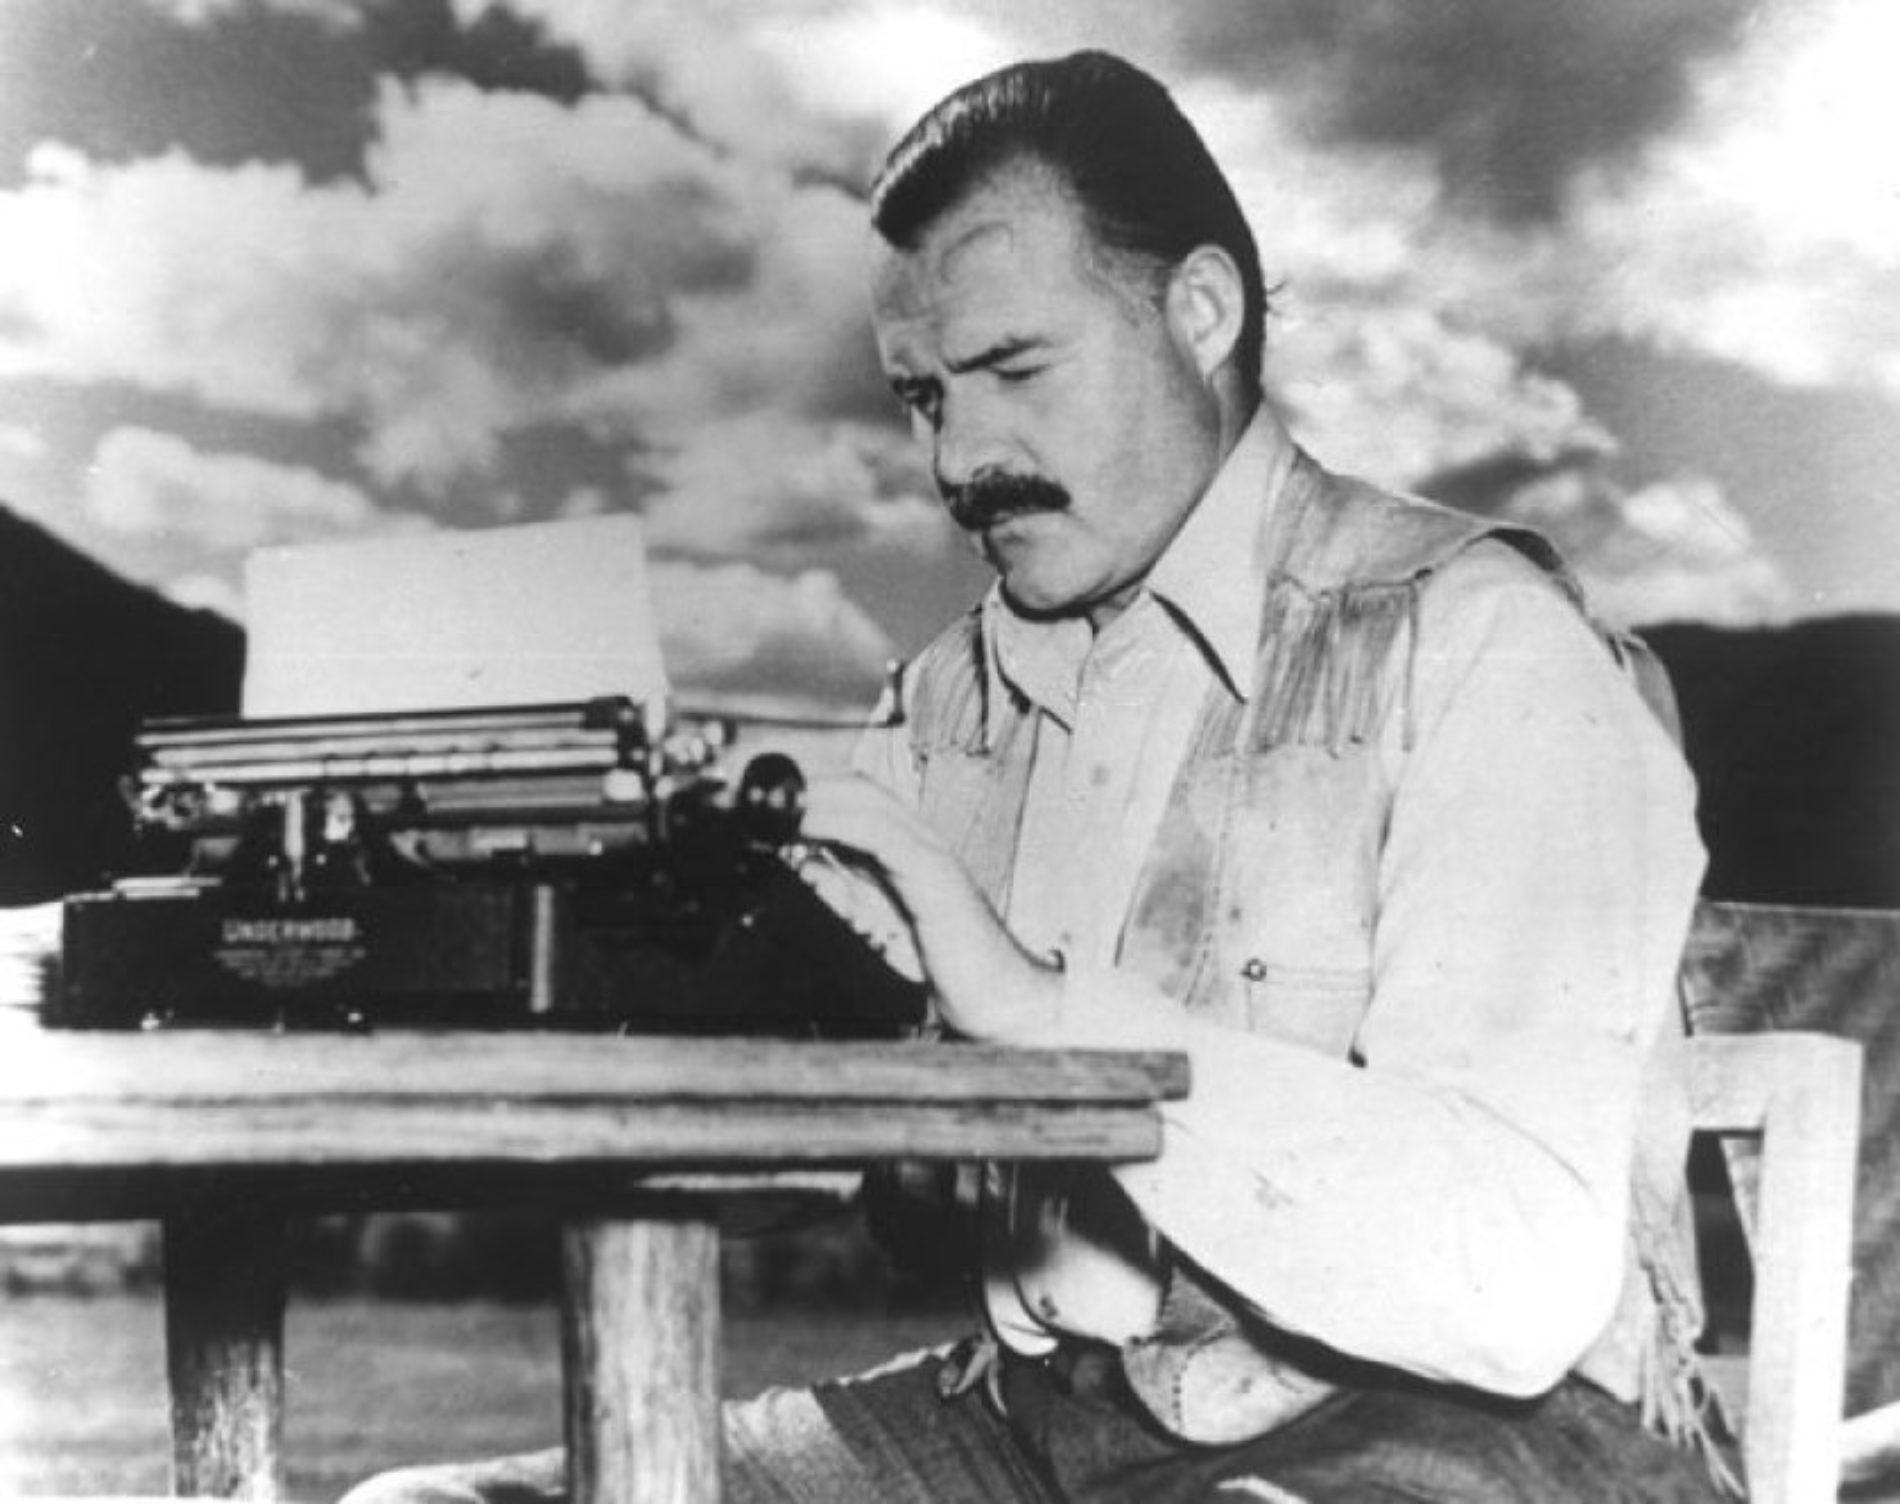 El coraje de Hemingway en el centro cultural Ilustre, en Bogotá